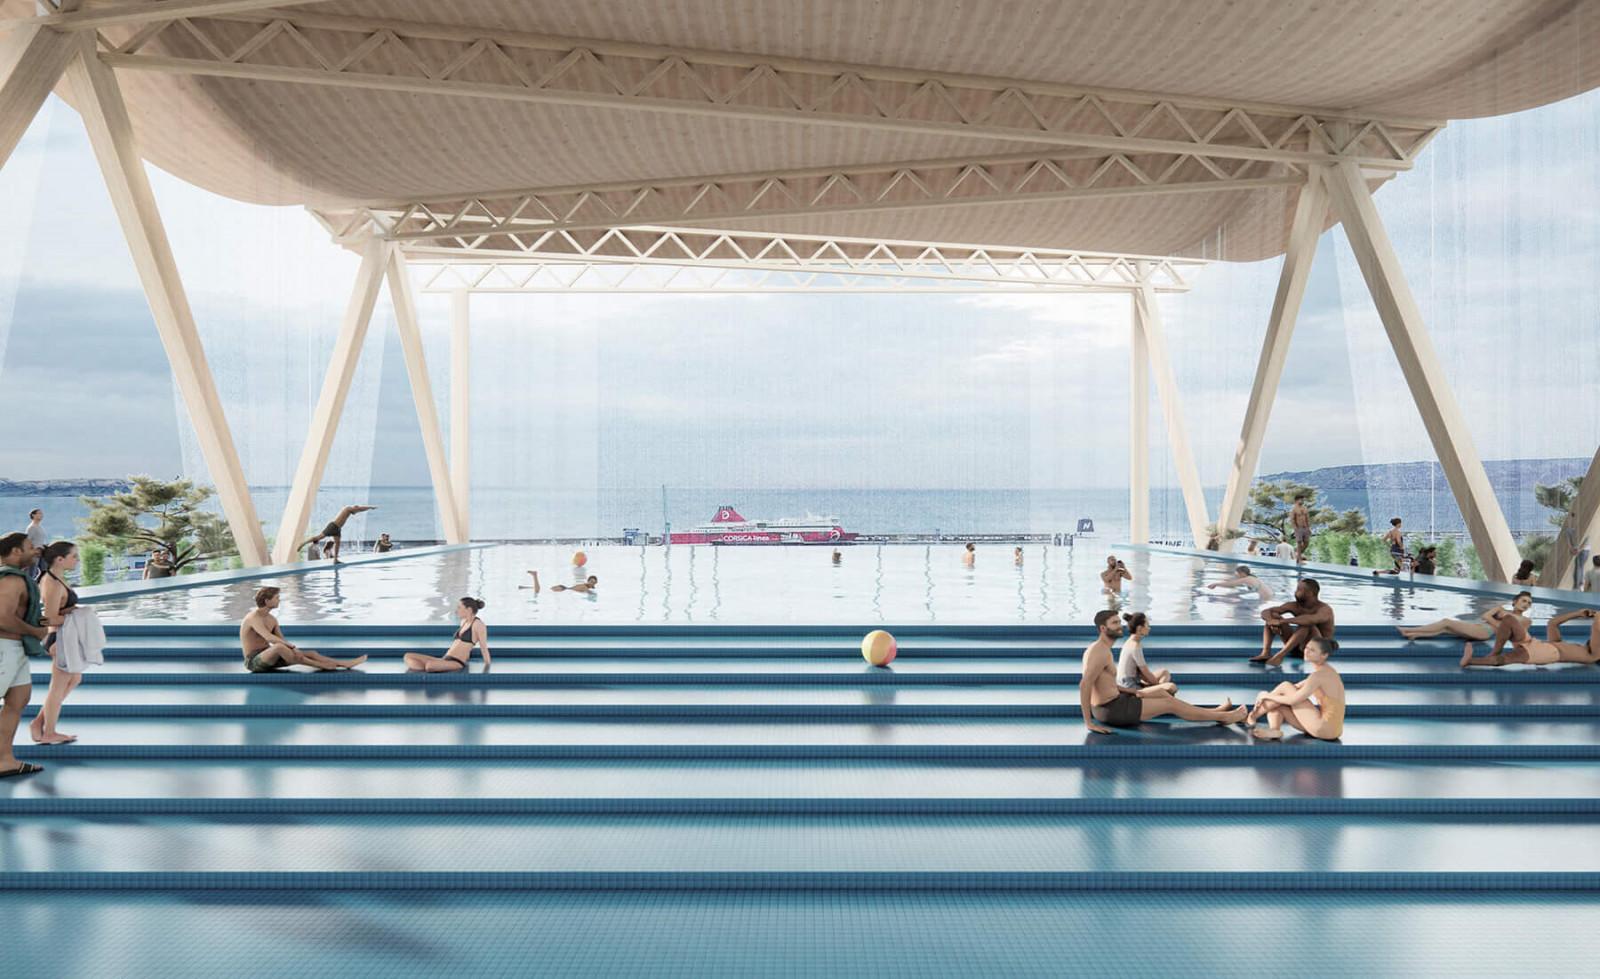 graam-xxl-les-fabriques-marseille-perspective-interieure-piscine